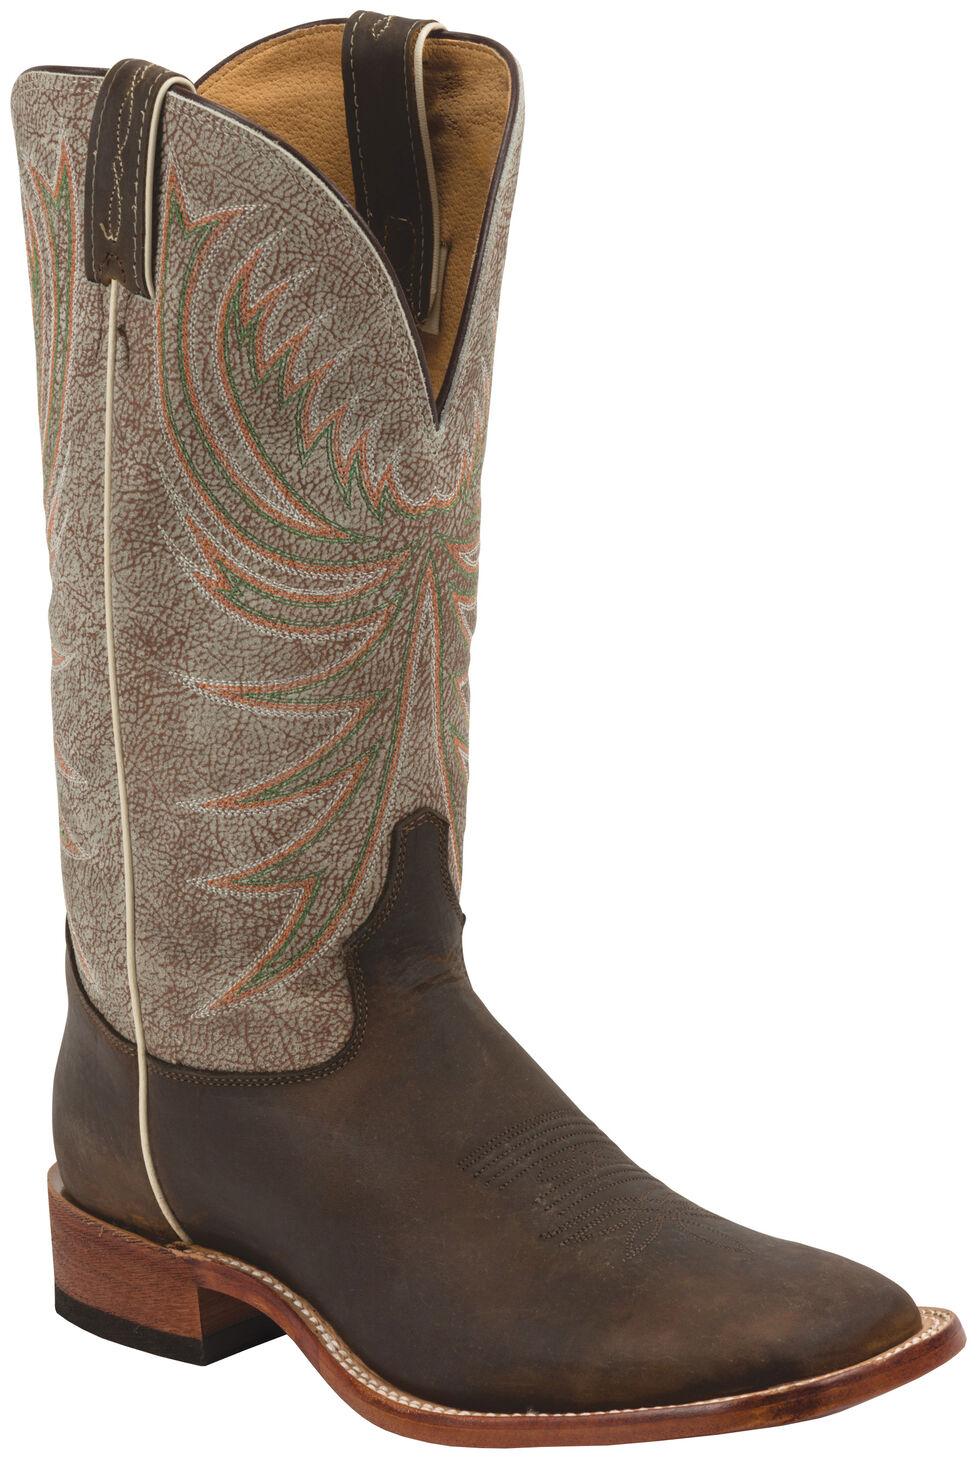 Tony Lama Copper Roughrider Americana Cowboy Boots - Square Toe , Cognac, hi-res